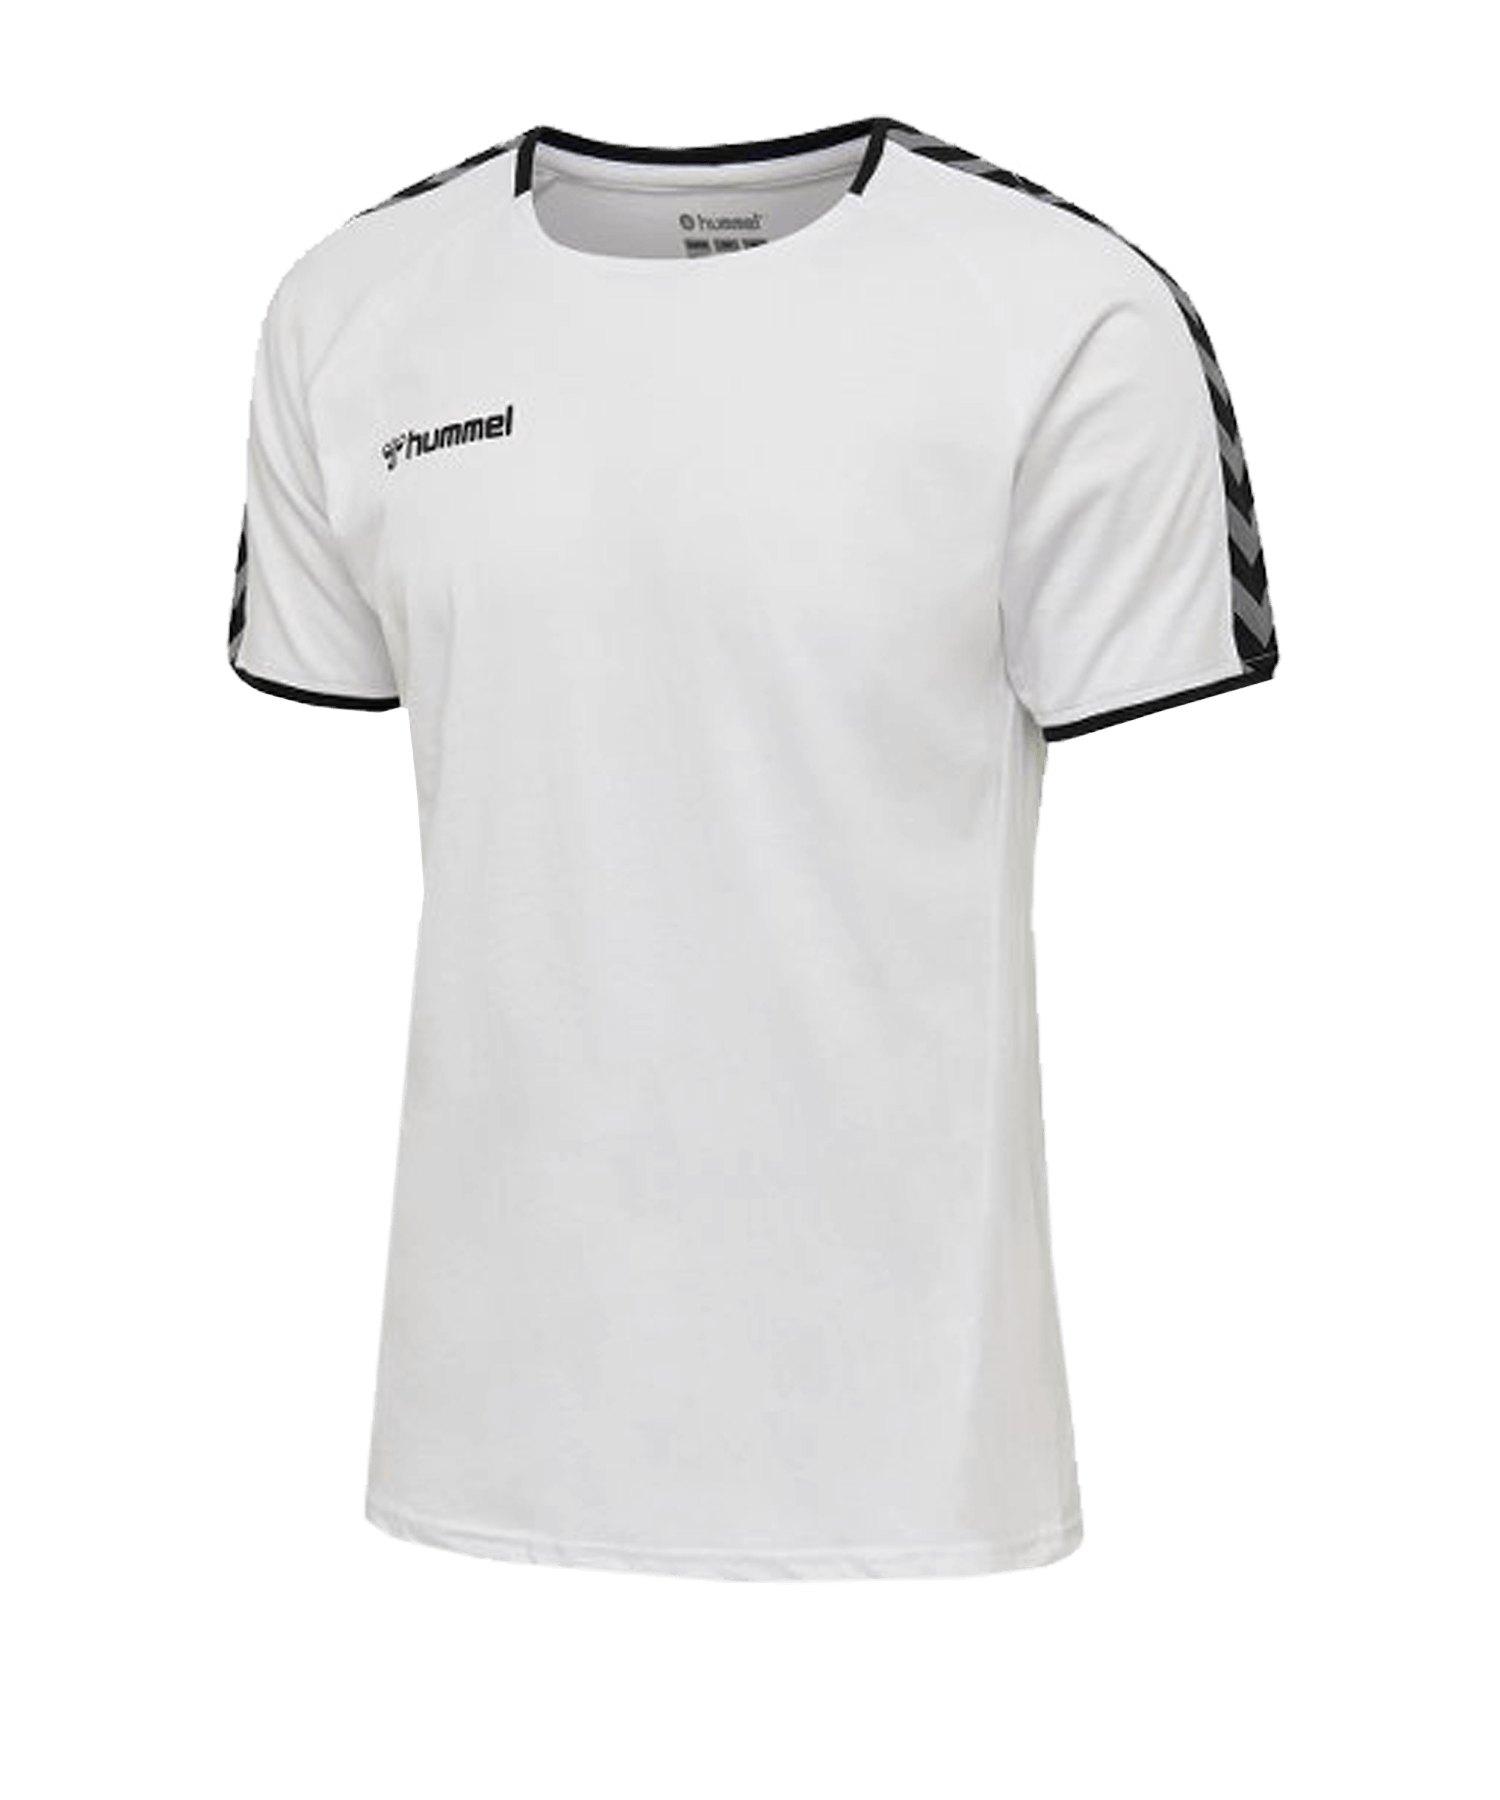 Hummel Authentic Trainingsshirt Weiss F9001 - weiss